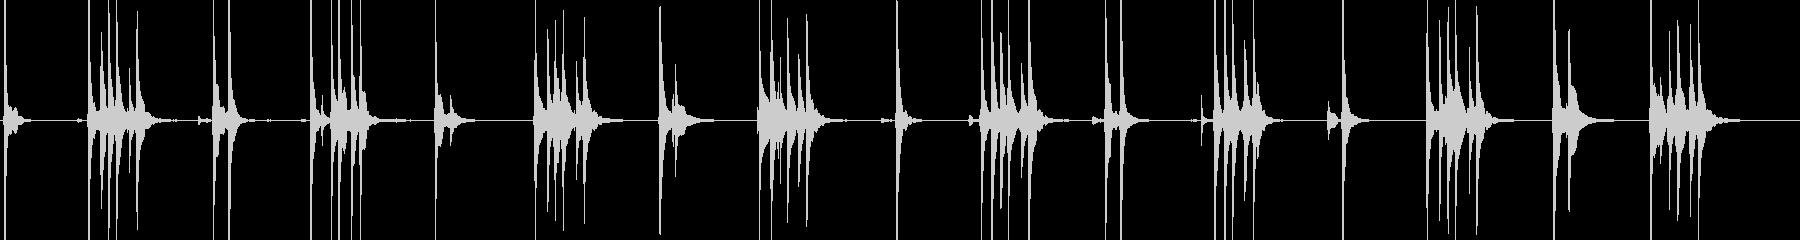 三味線134切な系メロディー演歌ポップスの未再生の波形